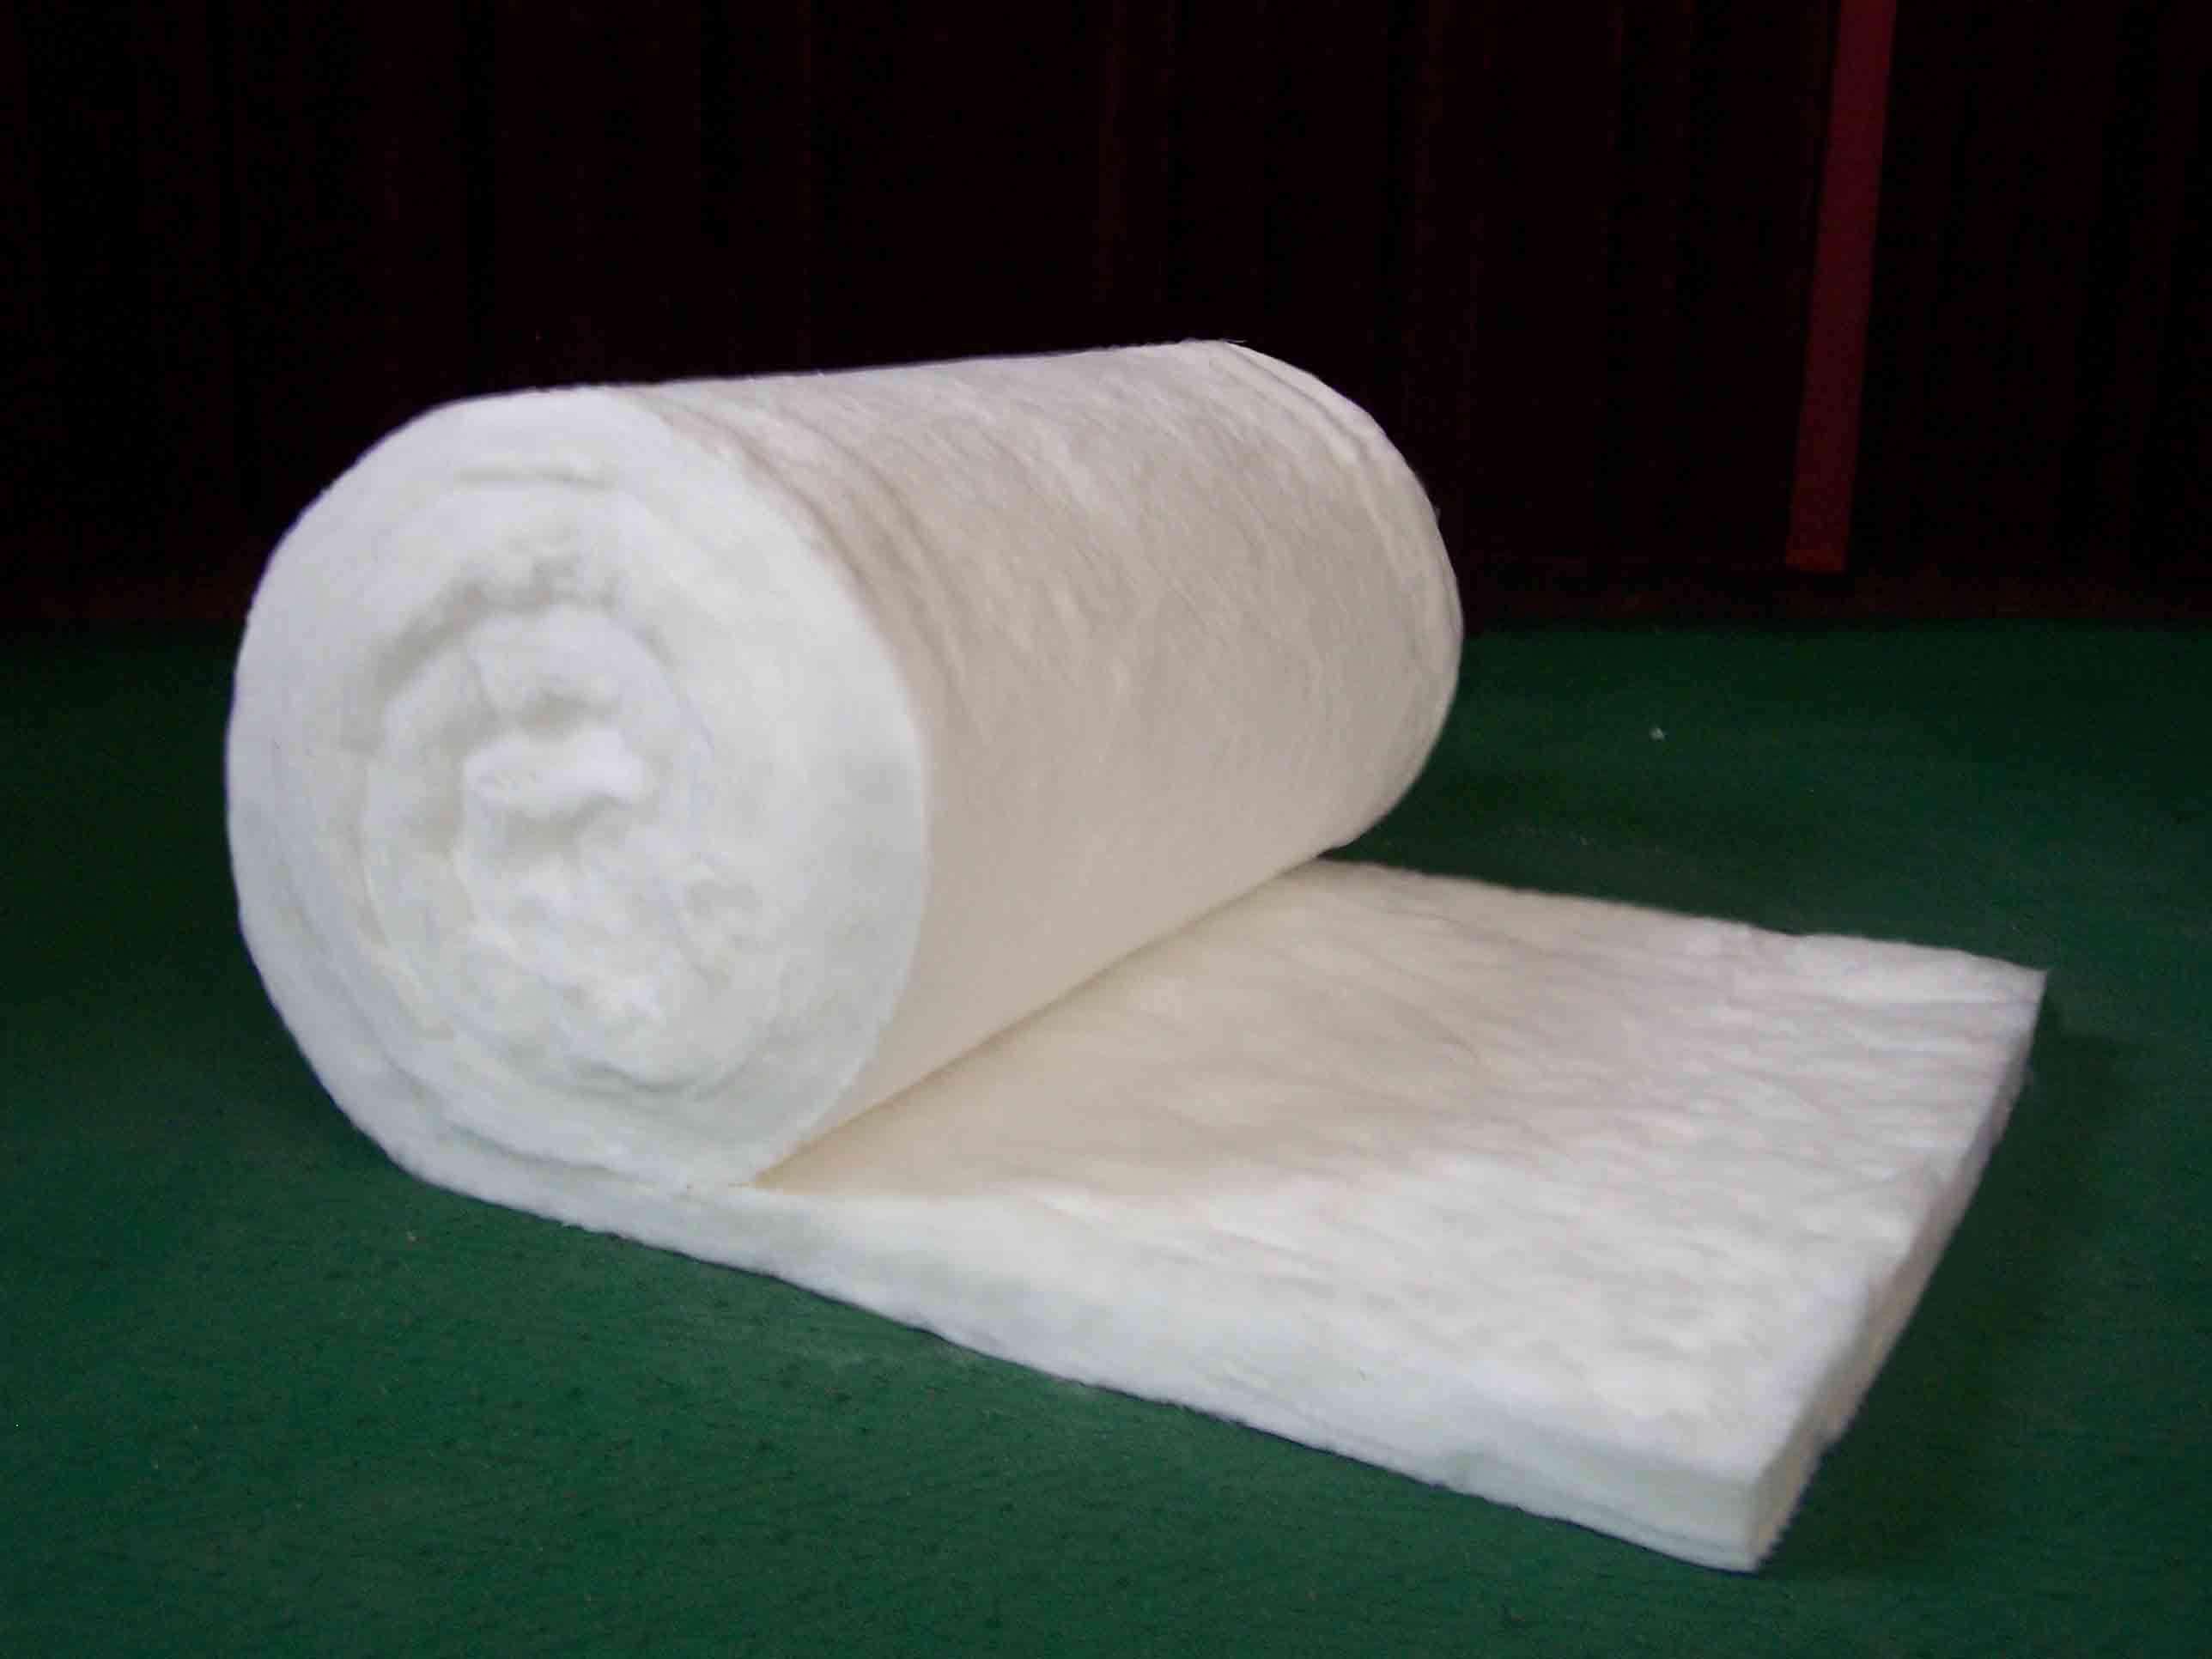 Ceramic Fibre Blanket Ceramic Fiber Blanket Ceramic Fire